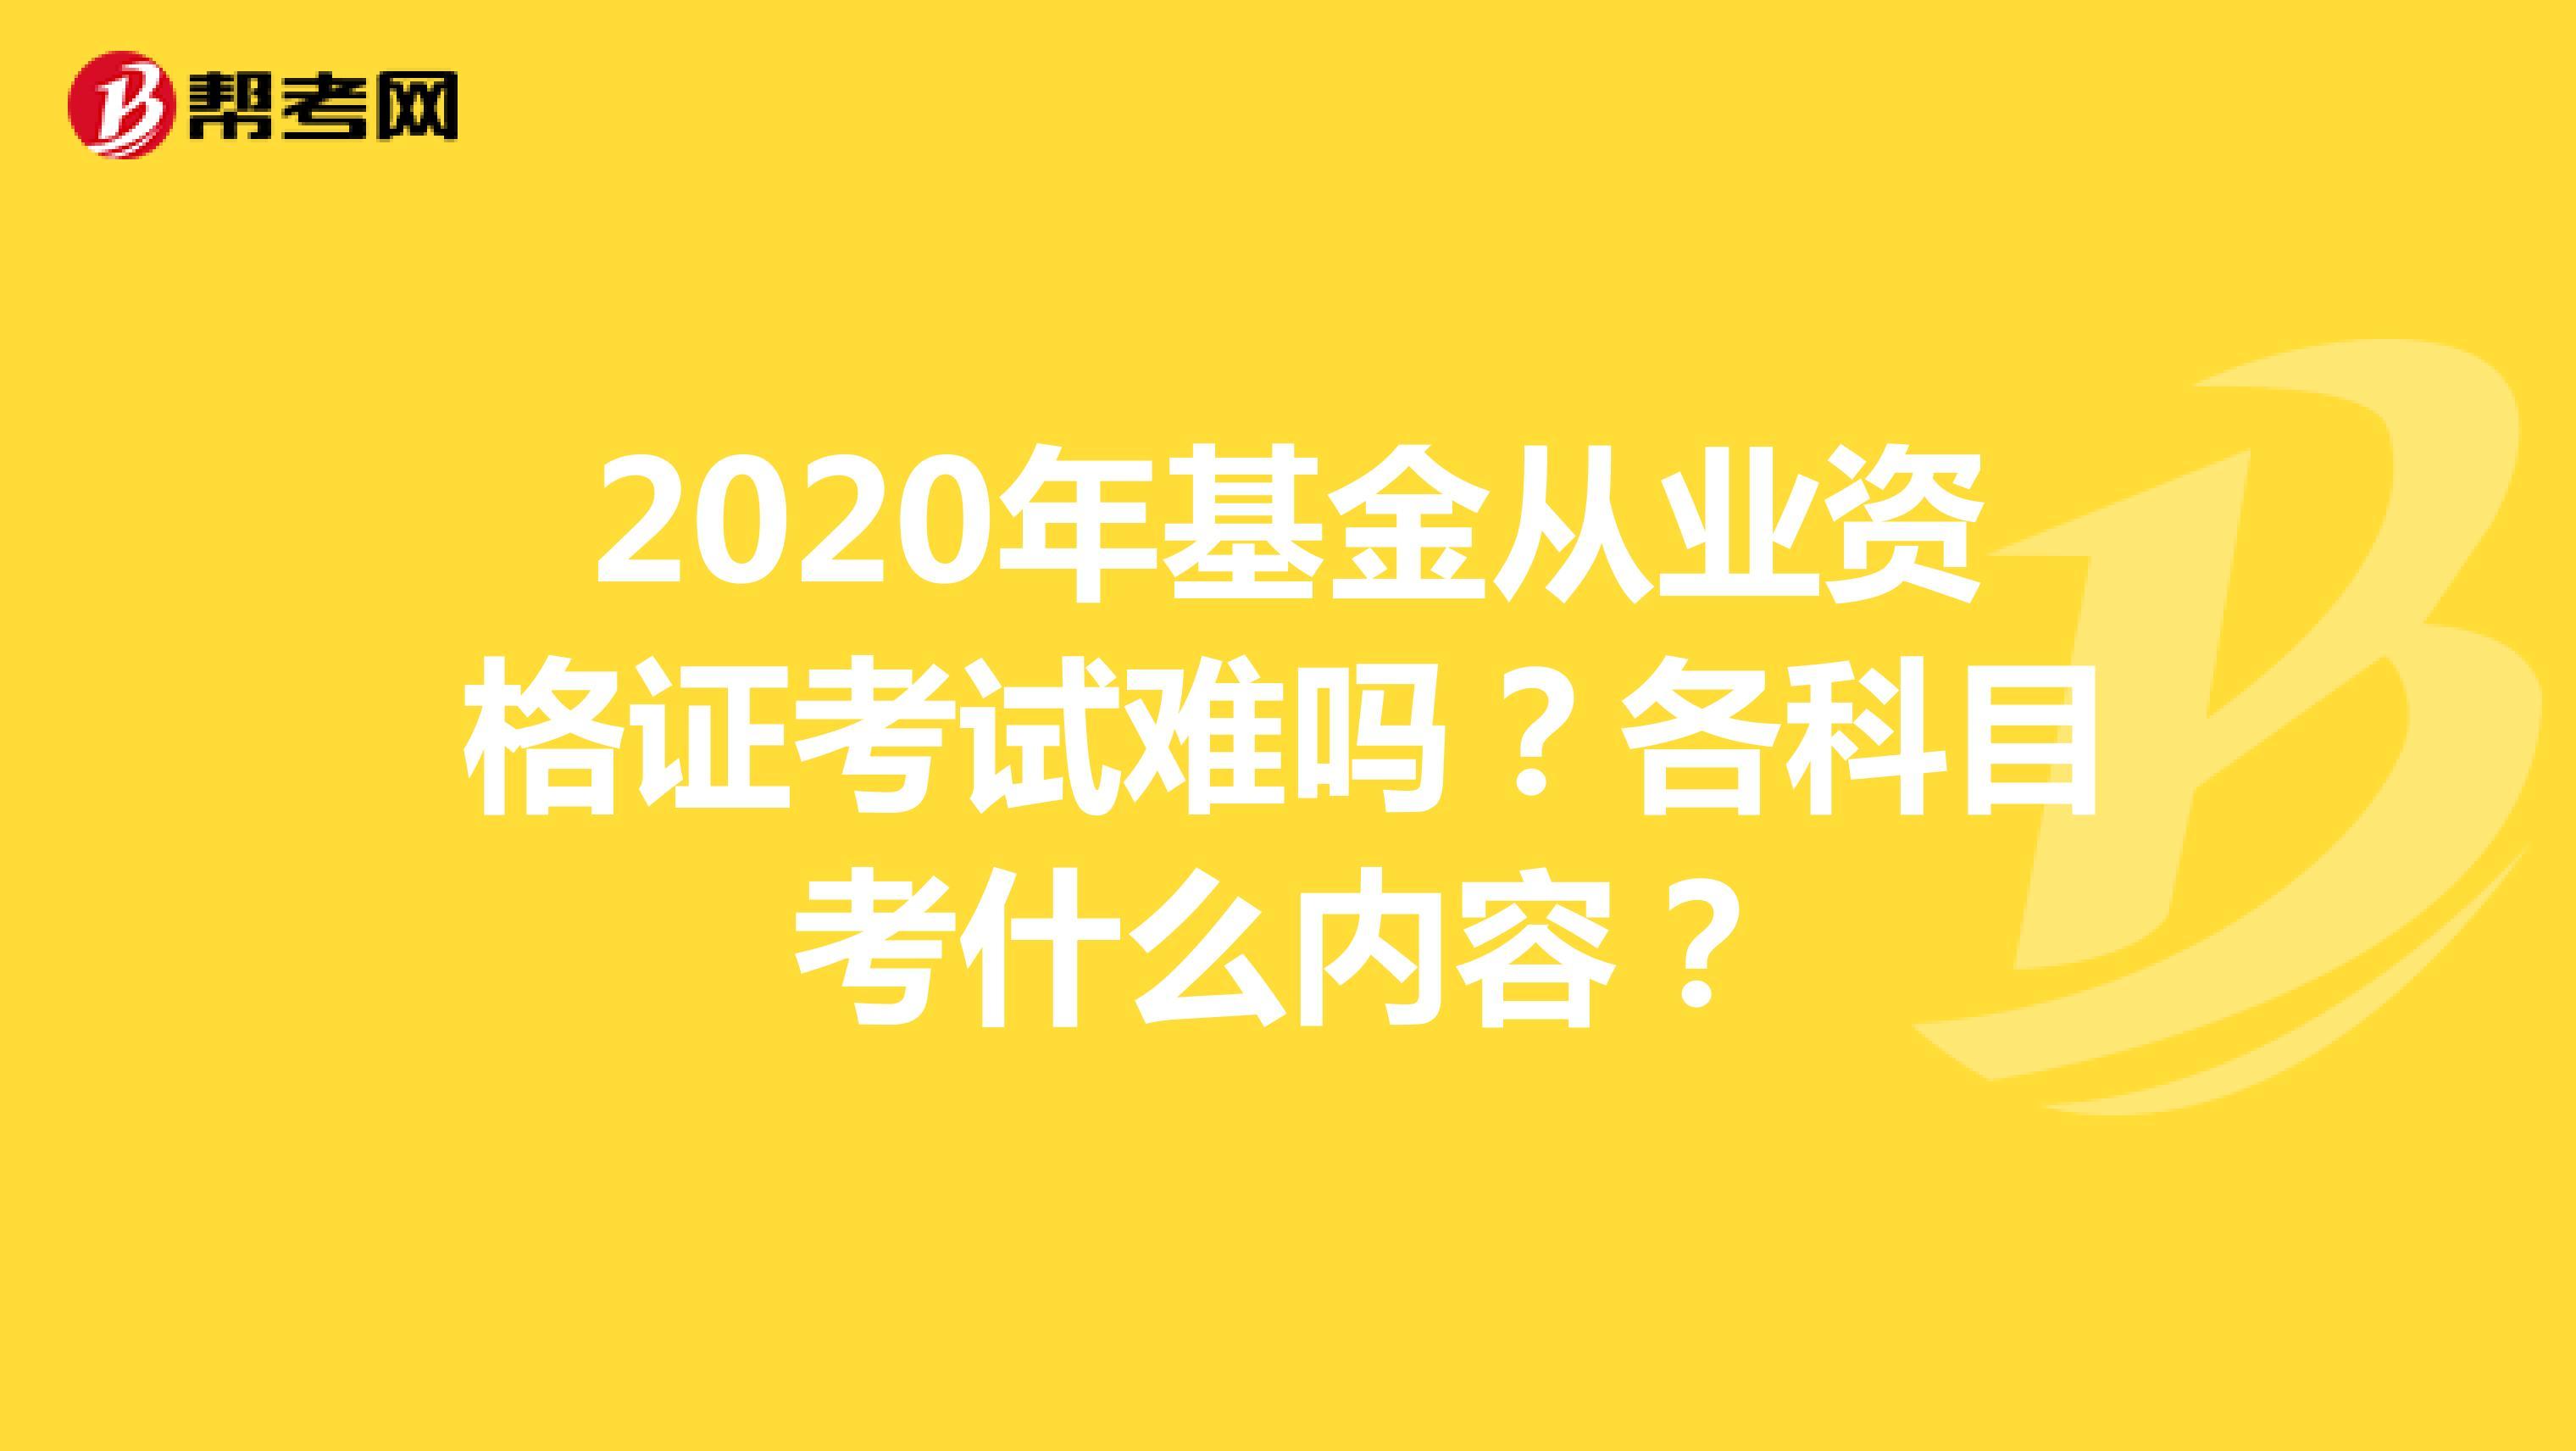 2020年基金从业资格证考试难吗?各科目考什么内容?